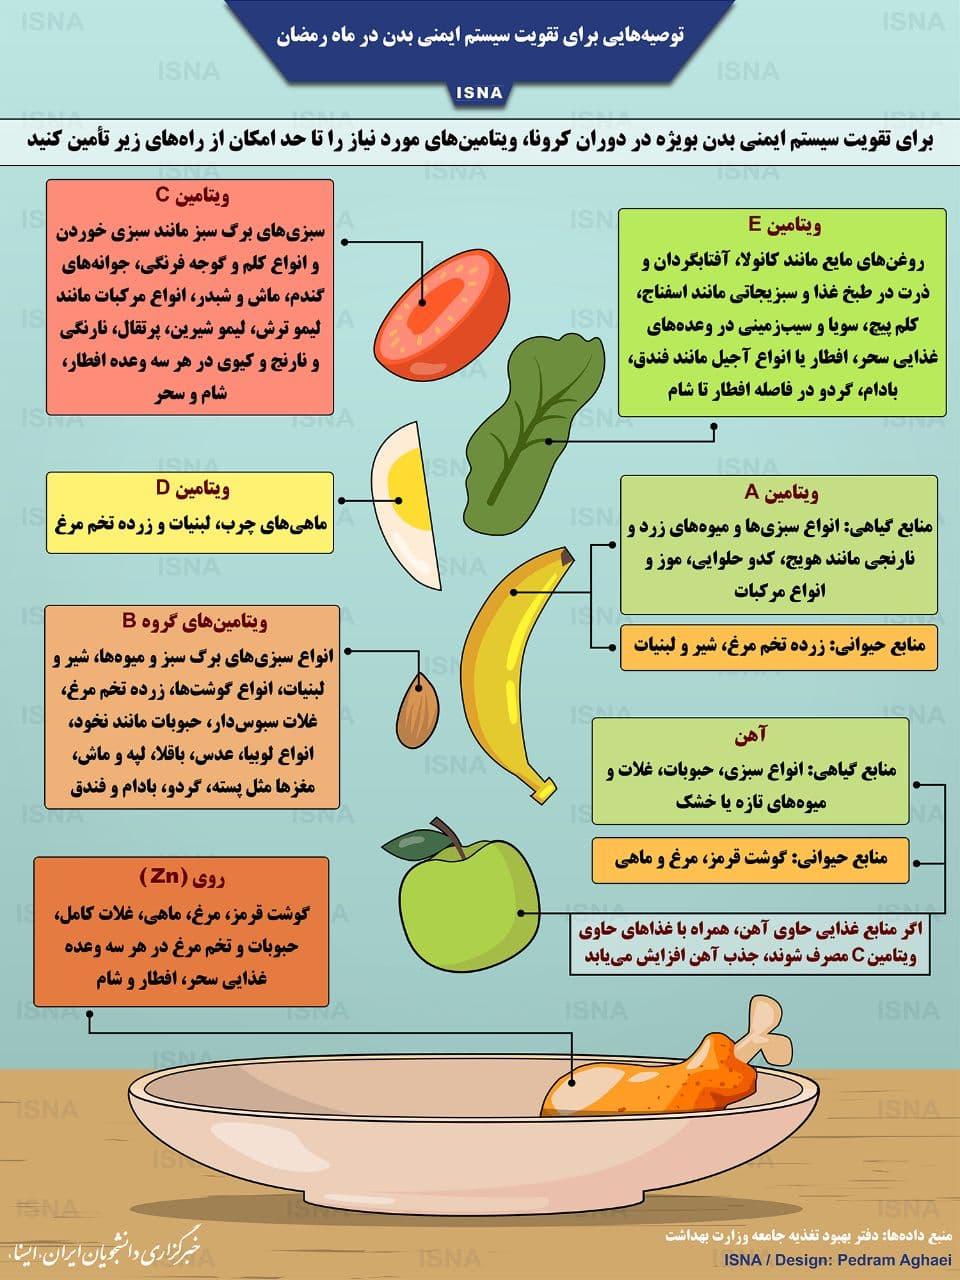 توصیههایی برای تقویت سیستم ایمنی بدن در ماه رمضان (اینفوگرافیک)